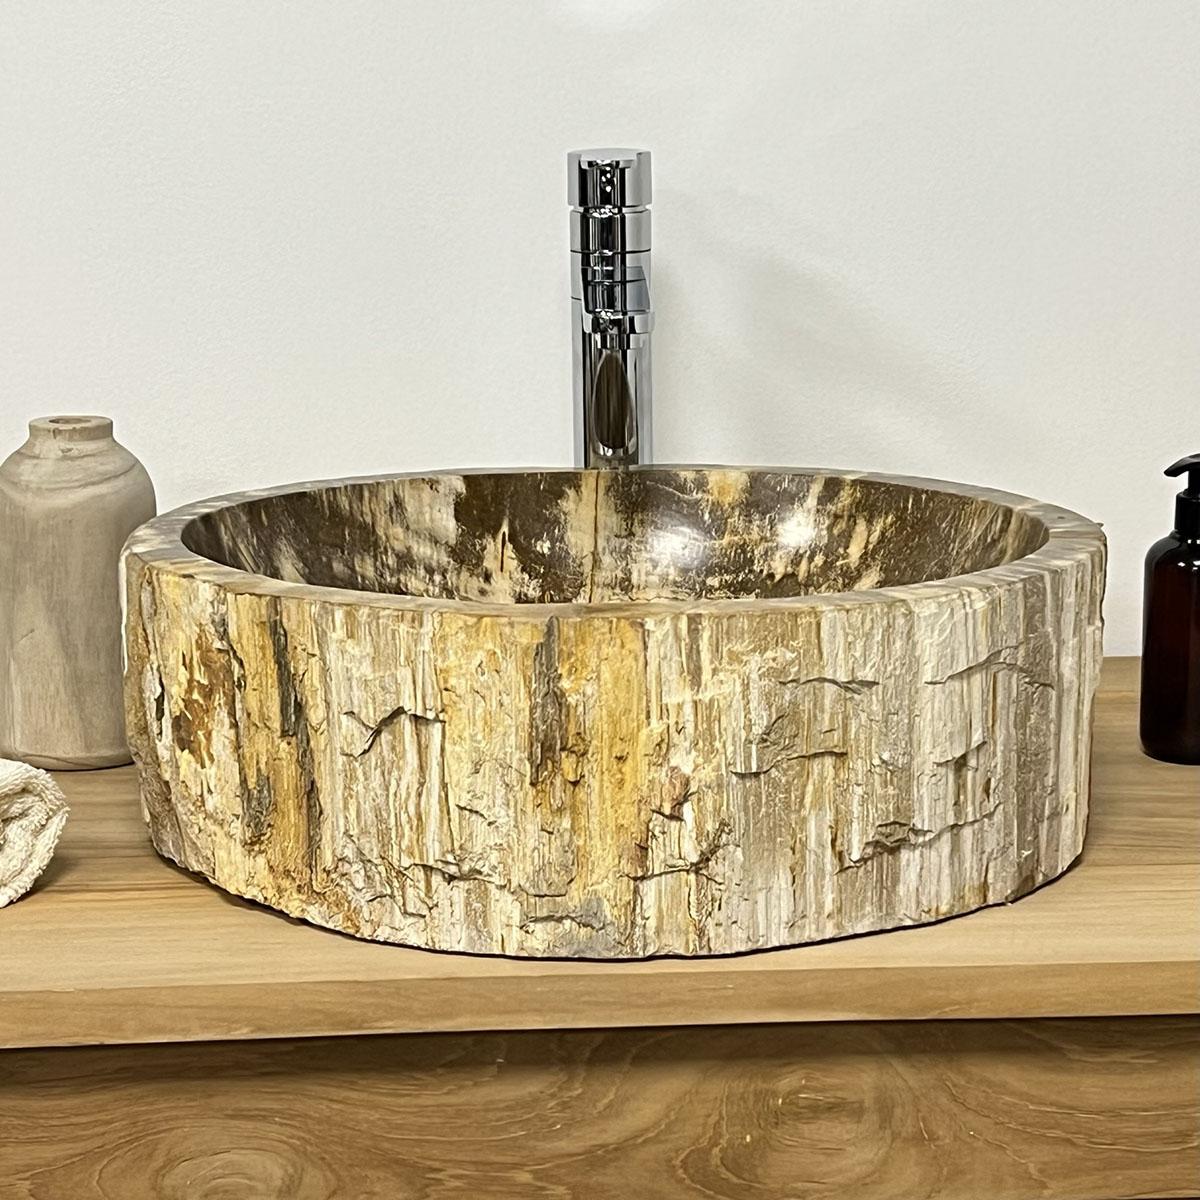 double vasques de salle de bain en bois p trifi fossilis beige marron l 45 cm. Black Bedroom Furniture Sets. Home Design Ideas